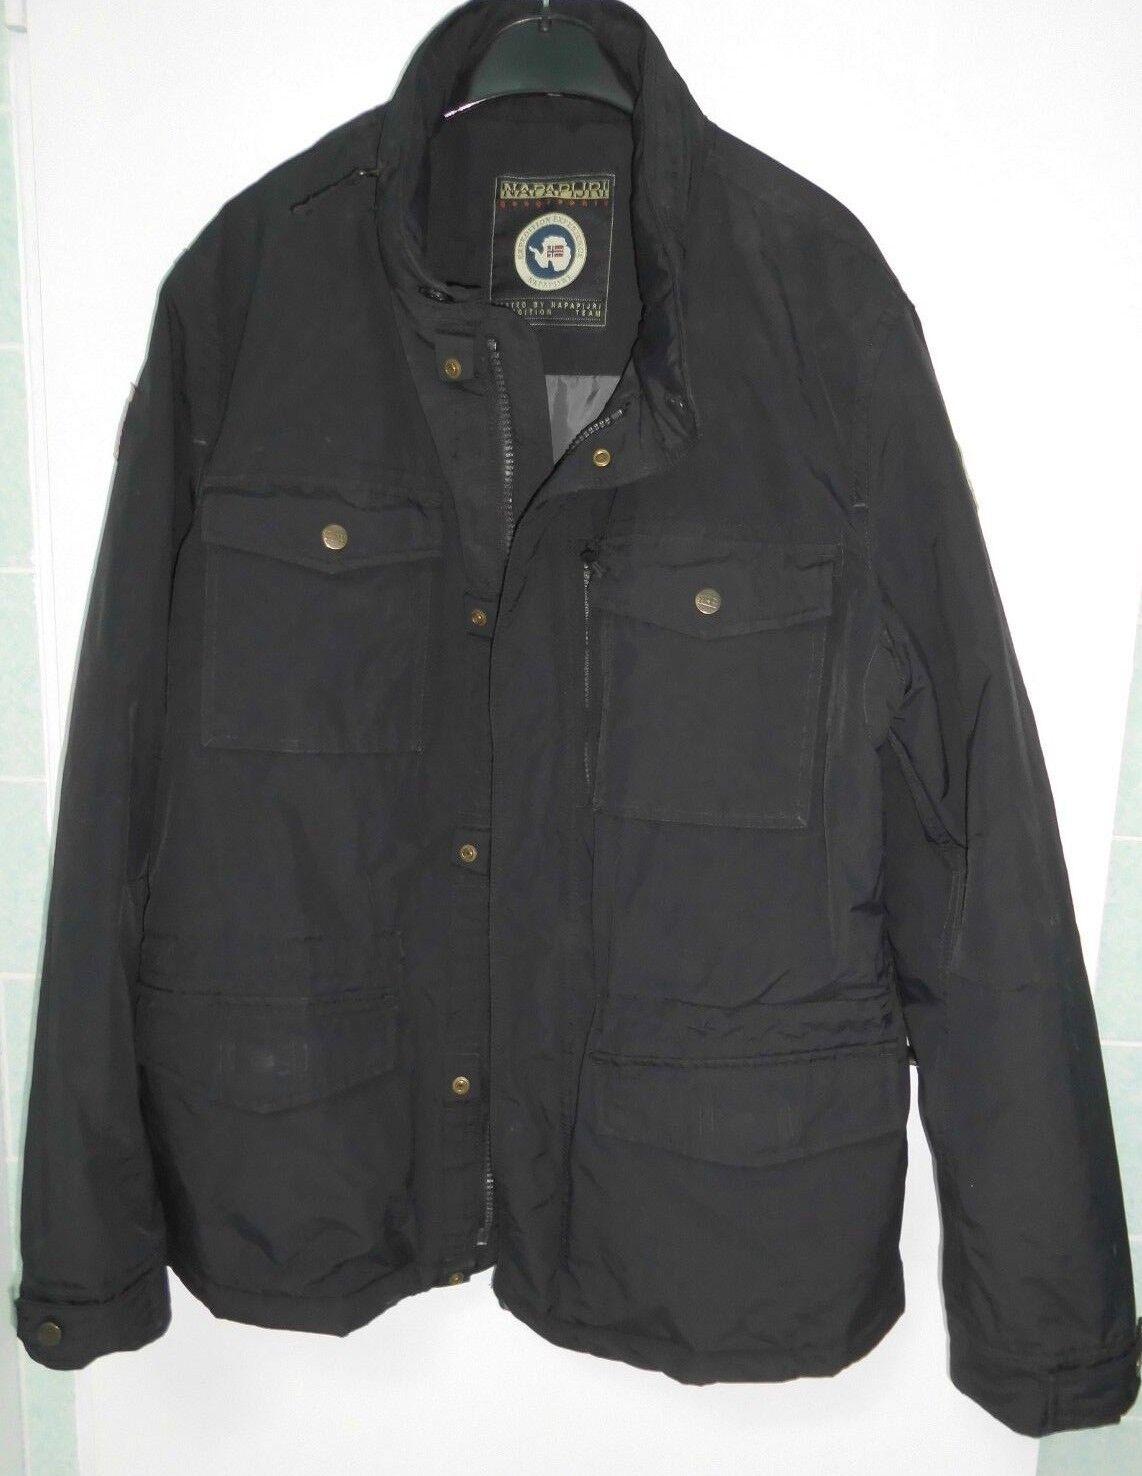 ac4404994b8 Napapijri Veste Parka Parka Parka Transition Noir XL capuche poches Outdoor  comme neuf 41dc40